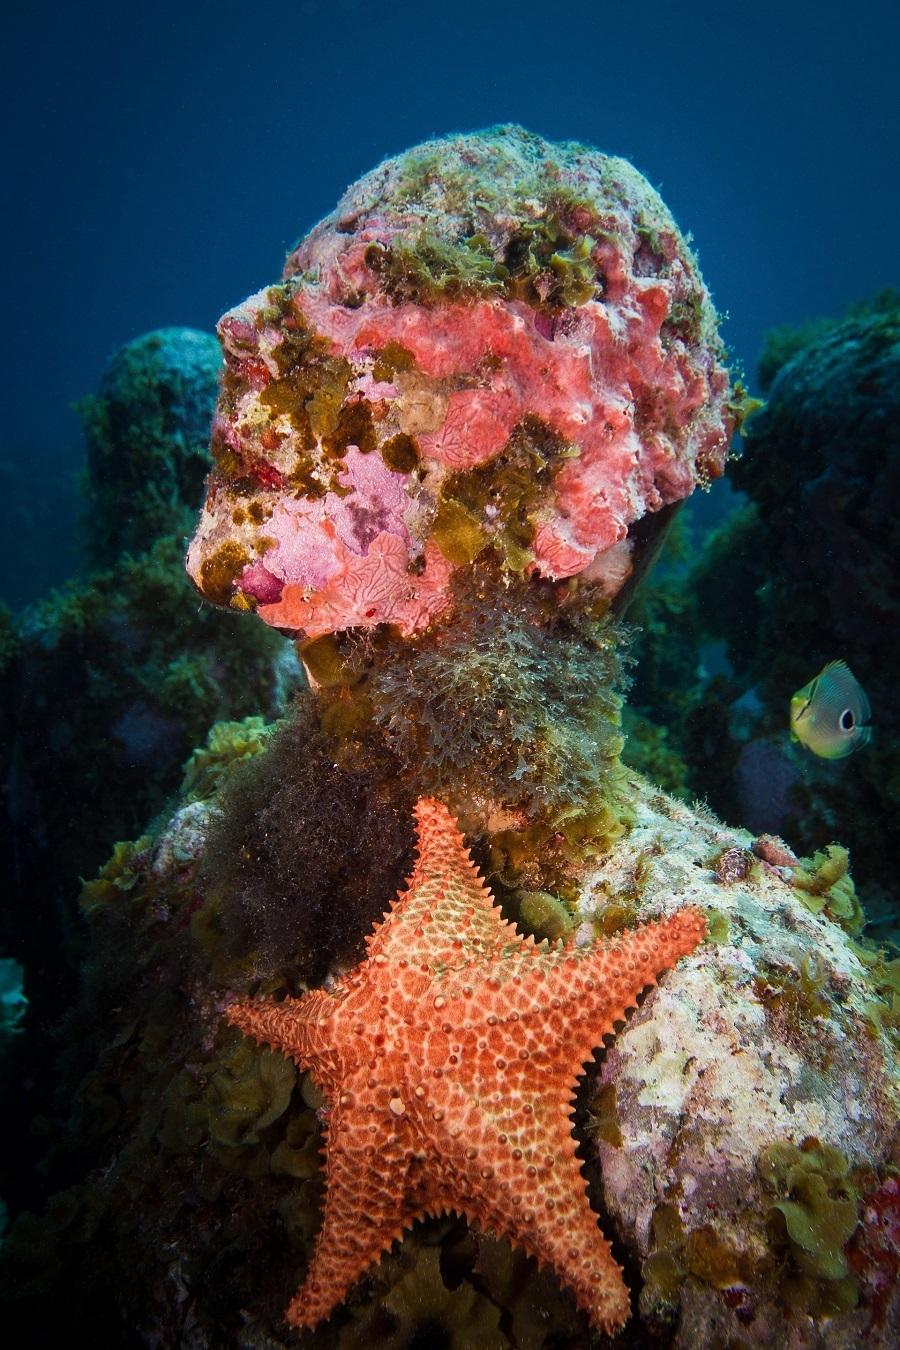 """Một tác phẩm trong bộ sưu tập Sự tiến hóa thầm lặng, độ sâu 8 m được bao phủ trong tảo và san hô.   """"Tôi tạo ra những vật thể vô tri nhưng đại dương thổi hồn cho chúng. Các rạn san hô mới liên tục phát triển, một thế giới mới hình thành này khiến tôi ngạc nhiên"""", Jason cho biết. Ảnh: Jason deCaires Taylor."""